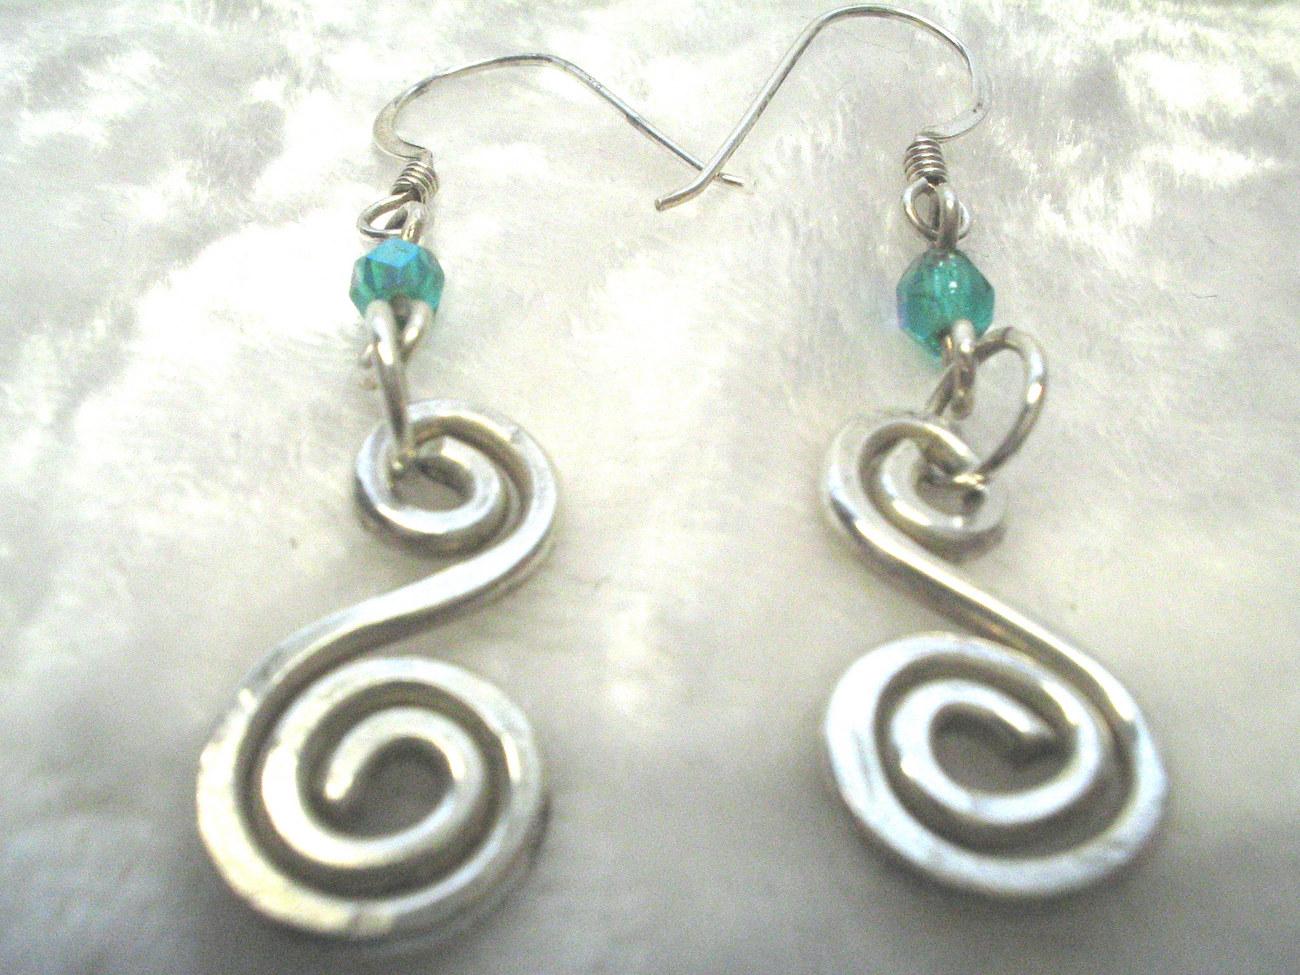 Swirl ears